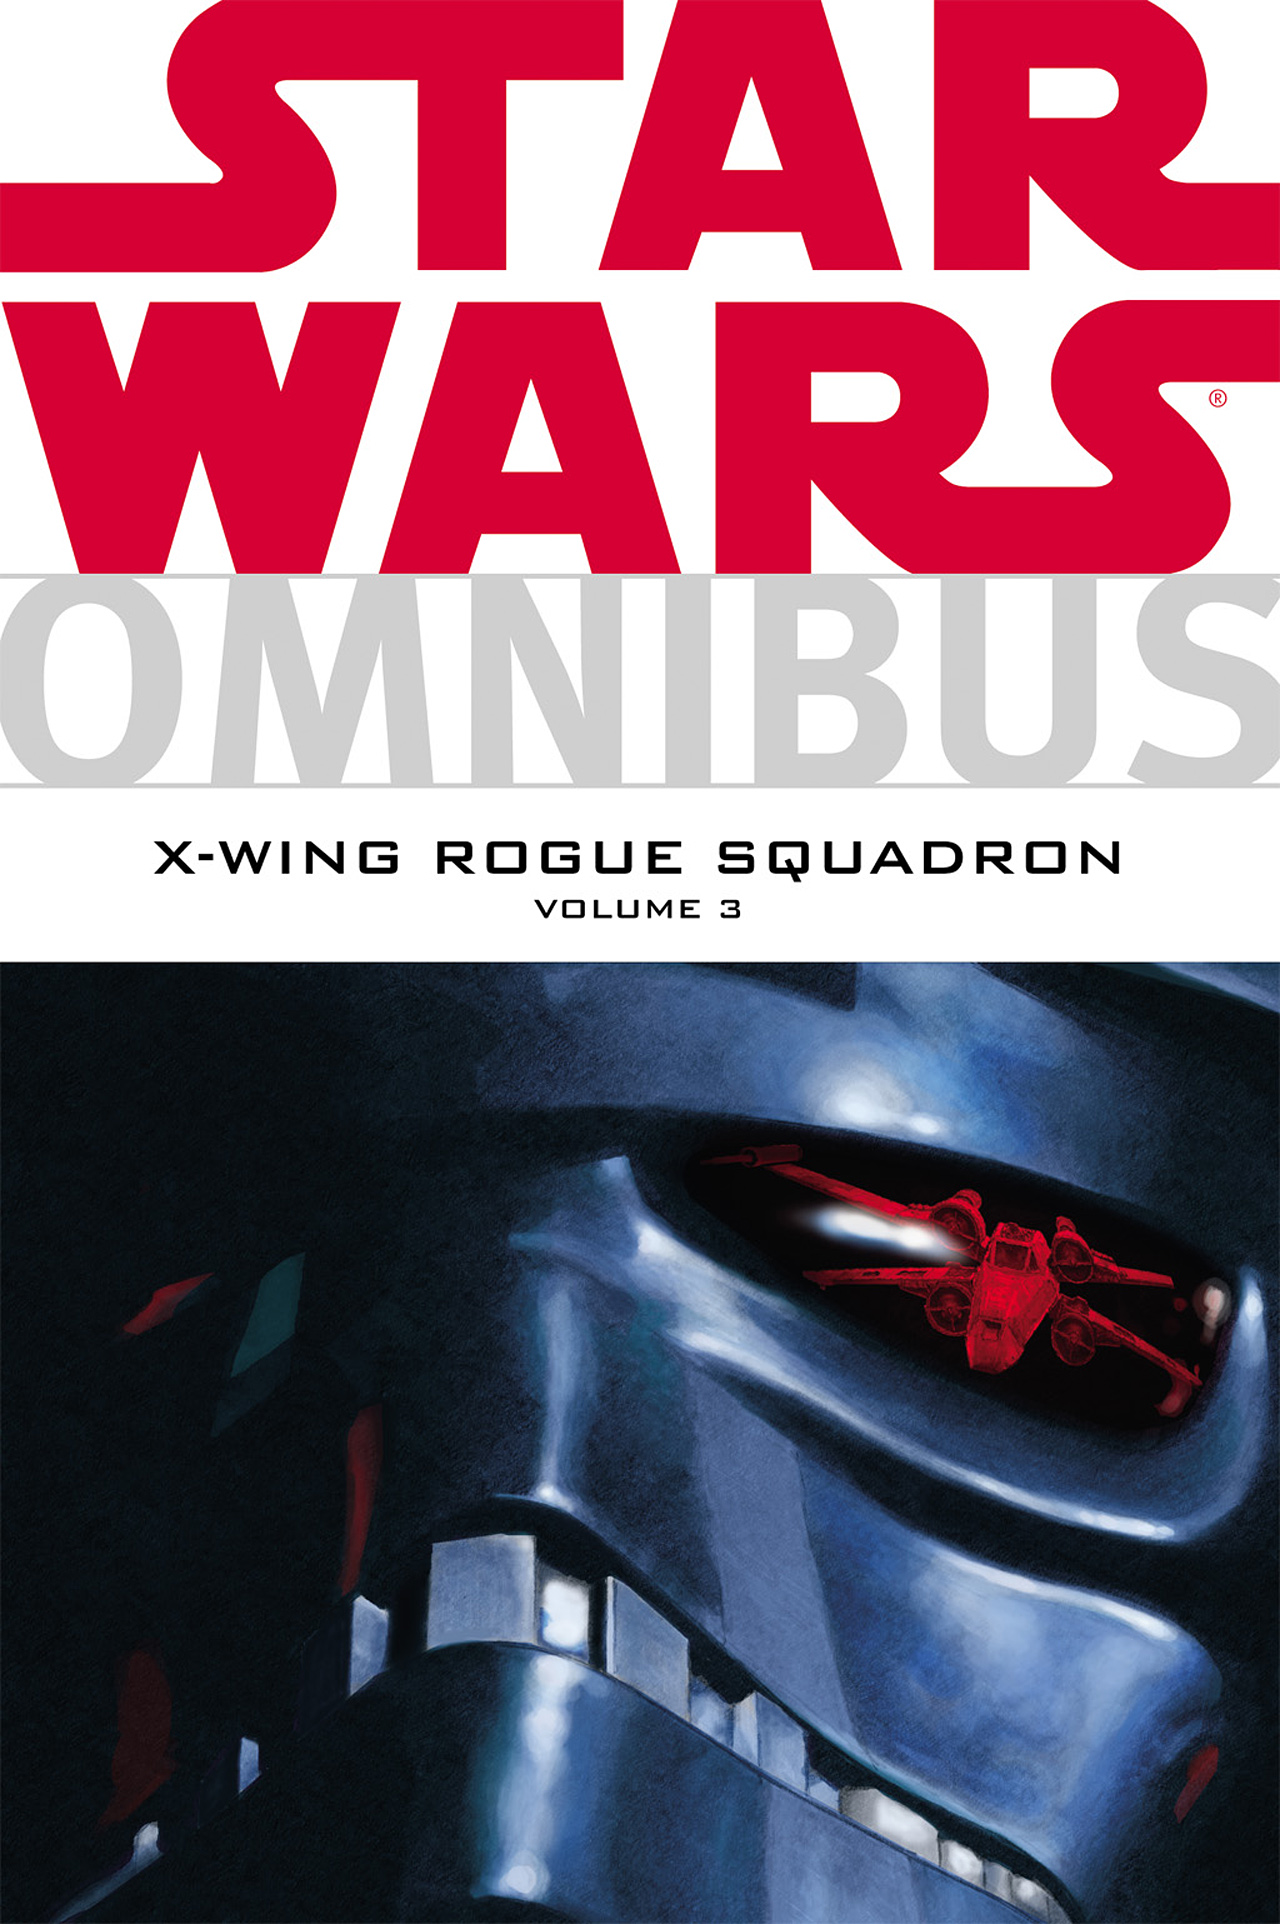 Star Wars Omnibus: X-Wing Rogue Squadron Volume 3 | Wookieepedia